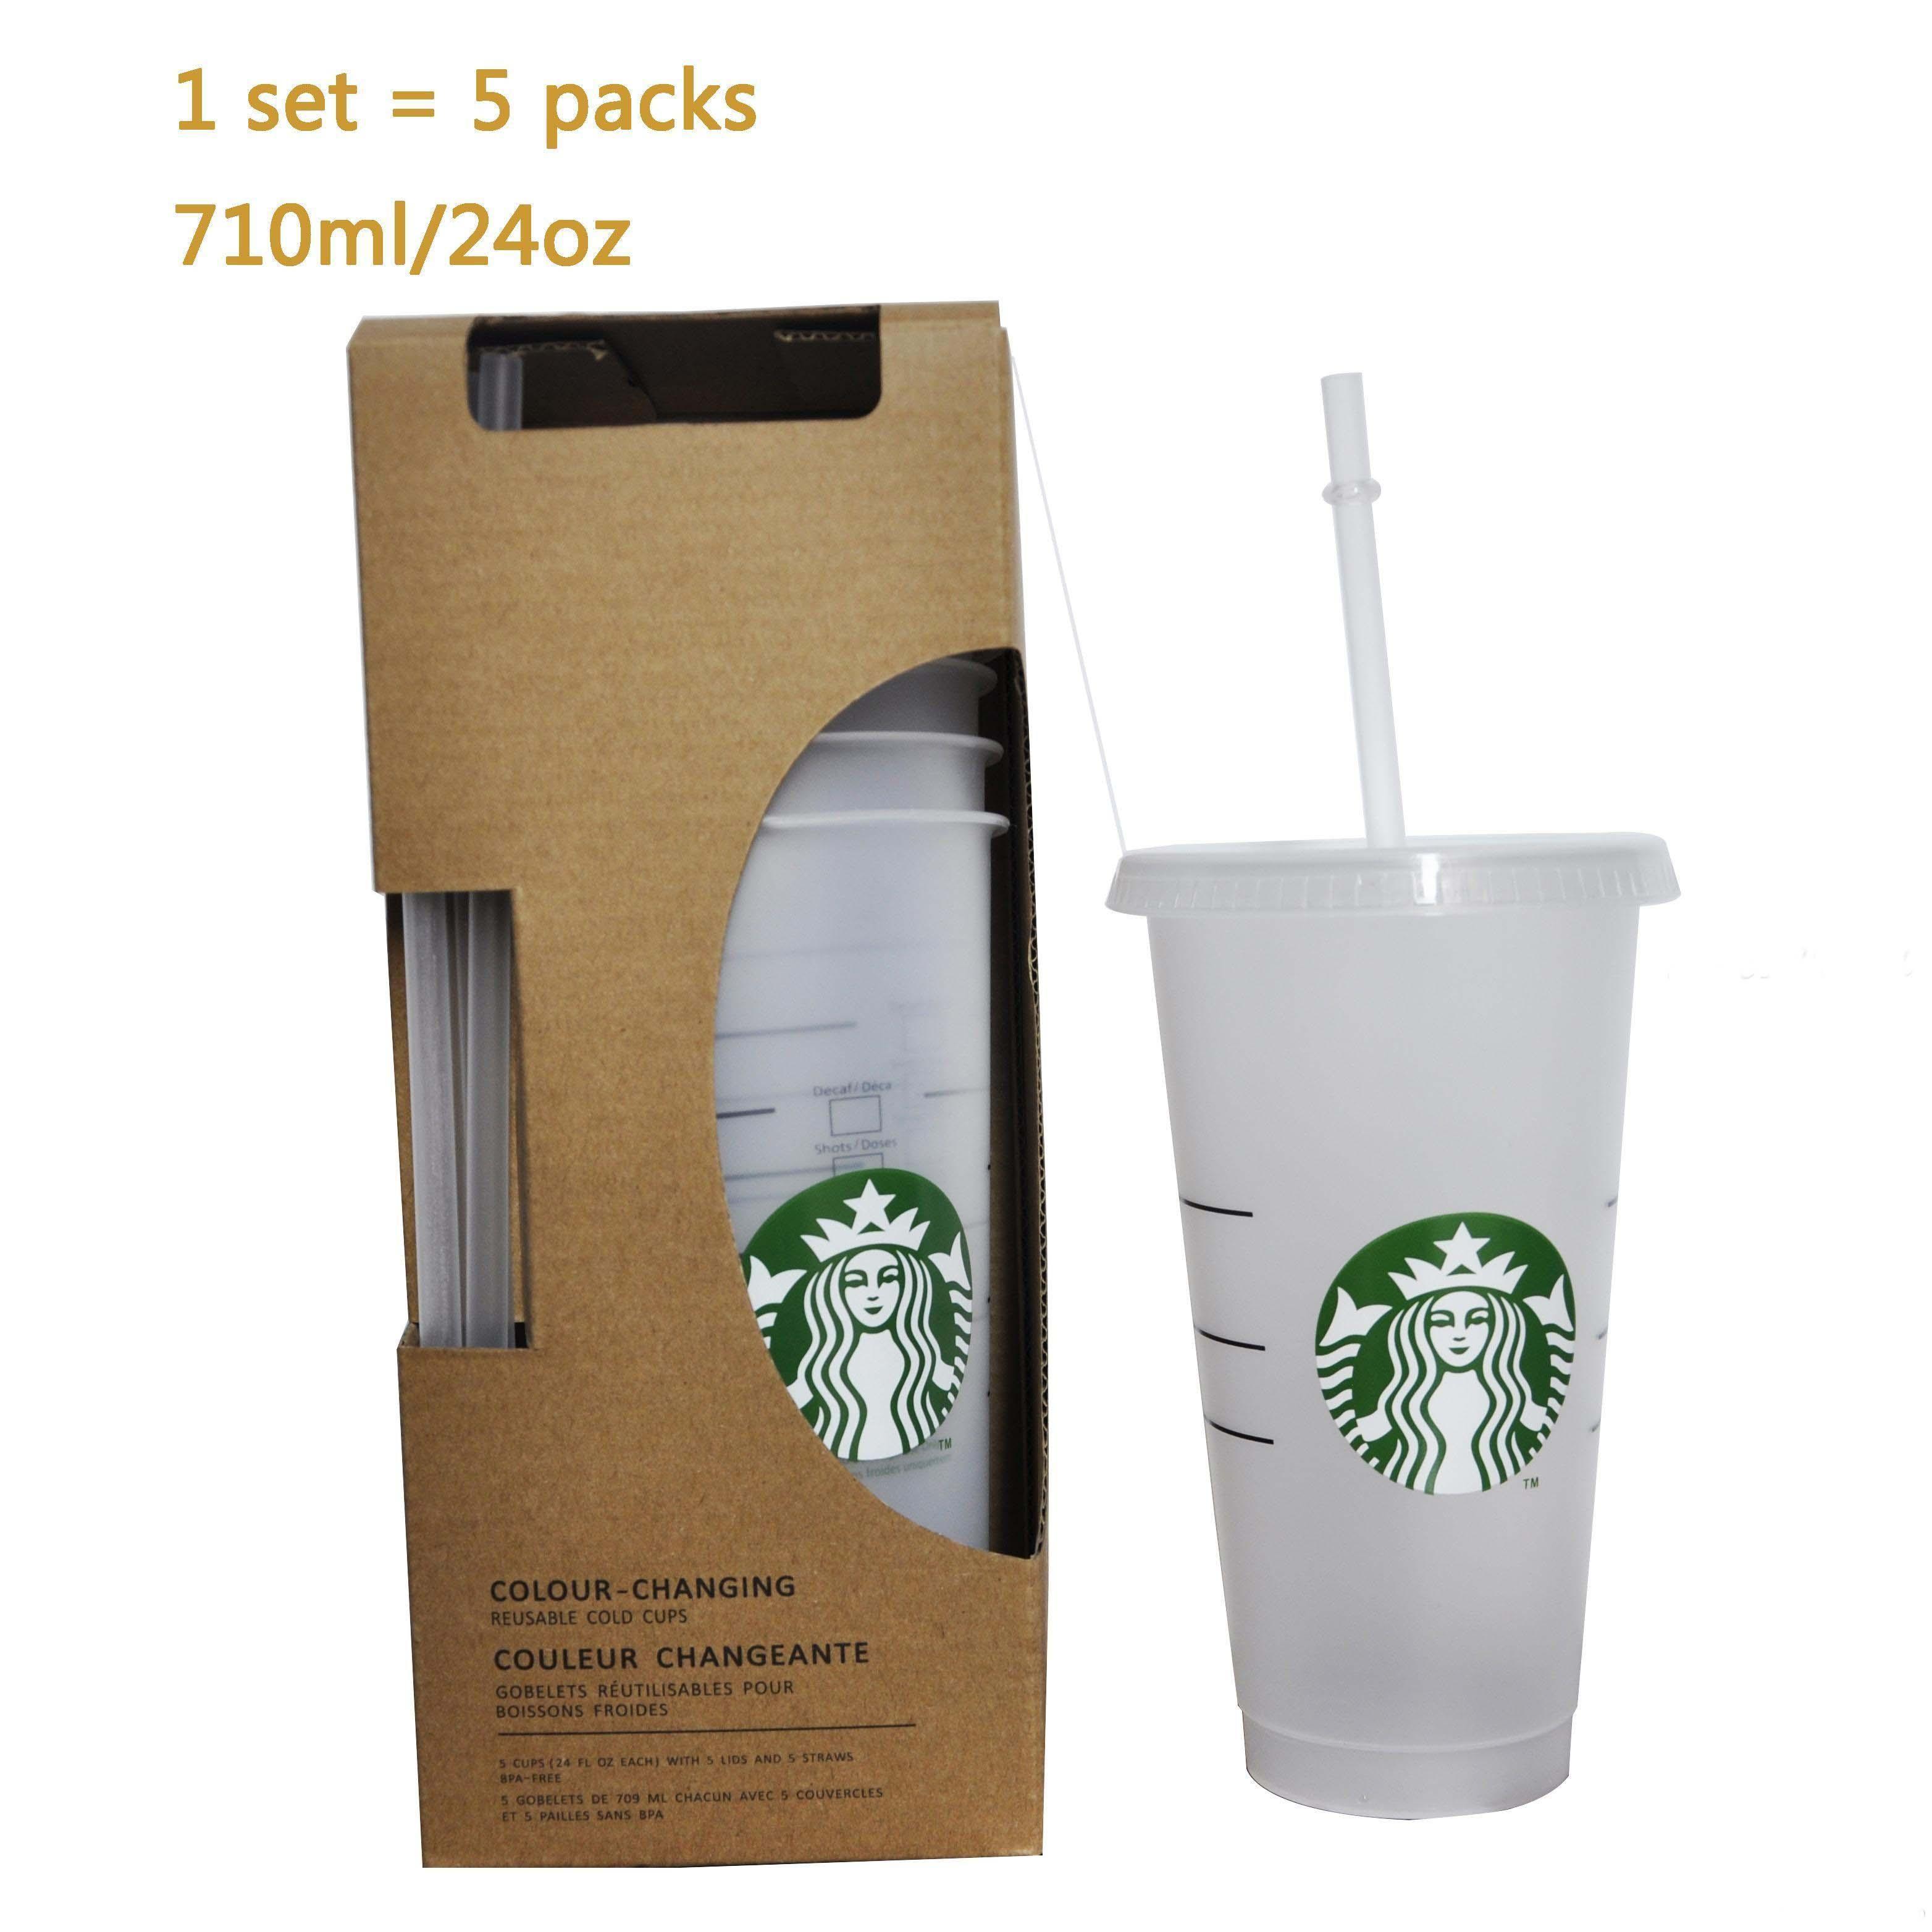 24 أوقية / 710ML أكواب عصير أكواب من البلاستيك الشفافة التي لا تغير اللون كأس المشروبات القابلة لإعادة الاستخدام أكواب ستاربكس مع أغطية والقهوة القهوة